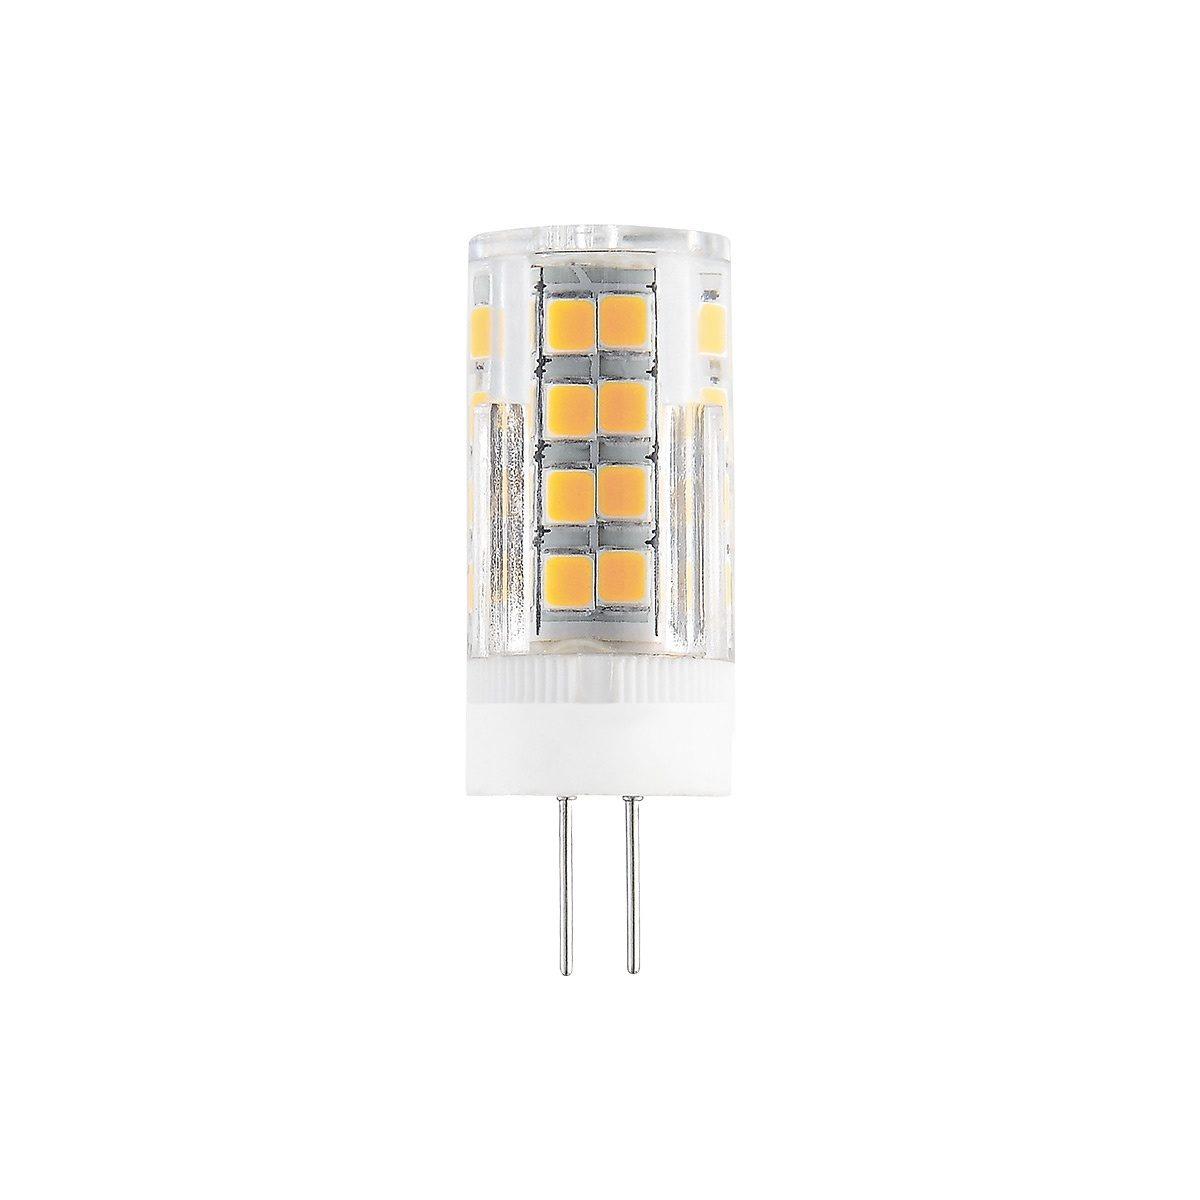 Светодиодные лампы для дома и квартиры: как выбрать по мощности, таблица